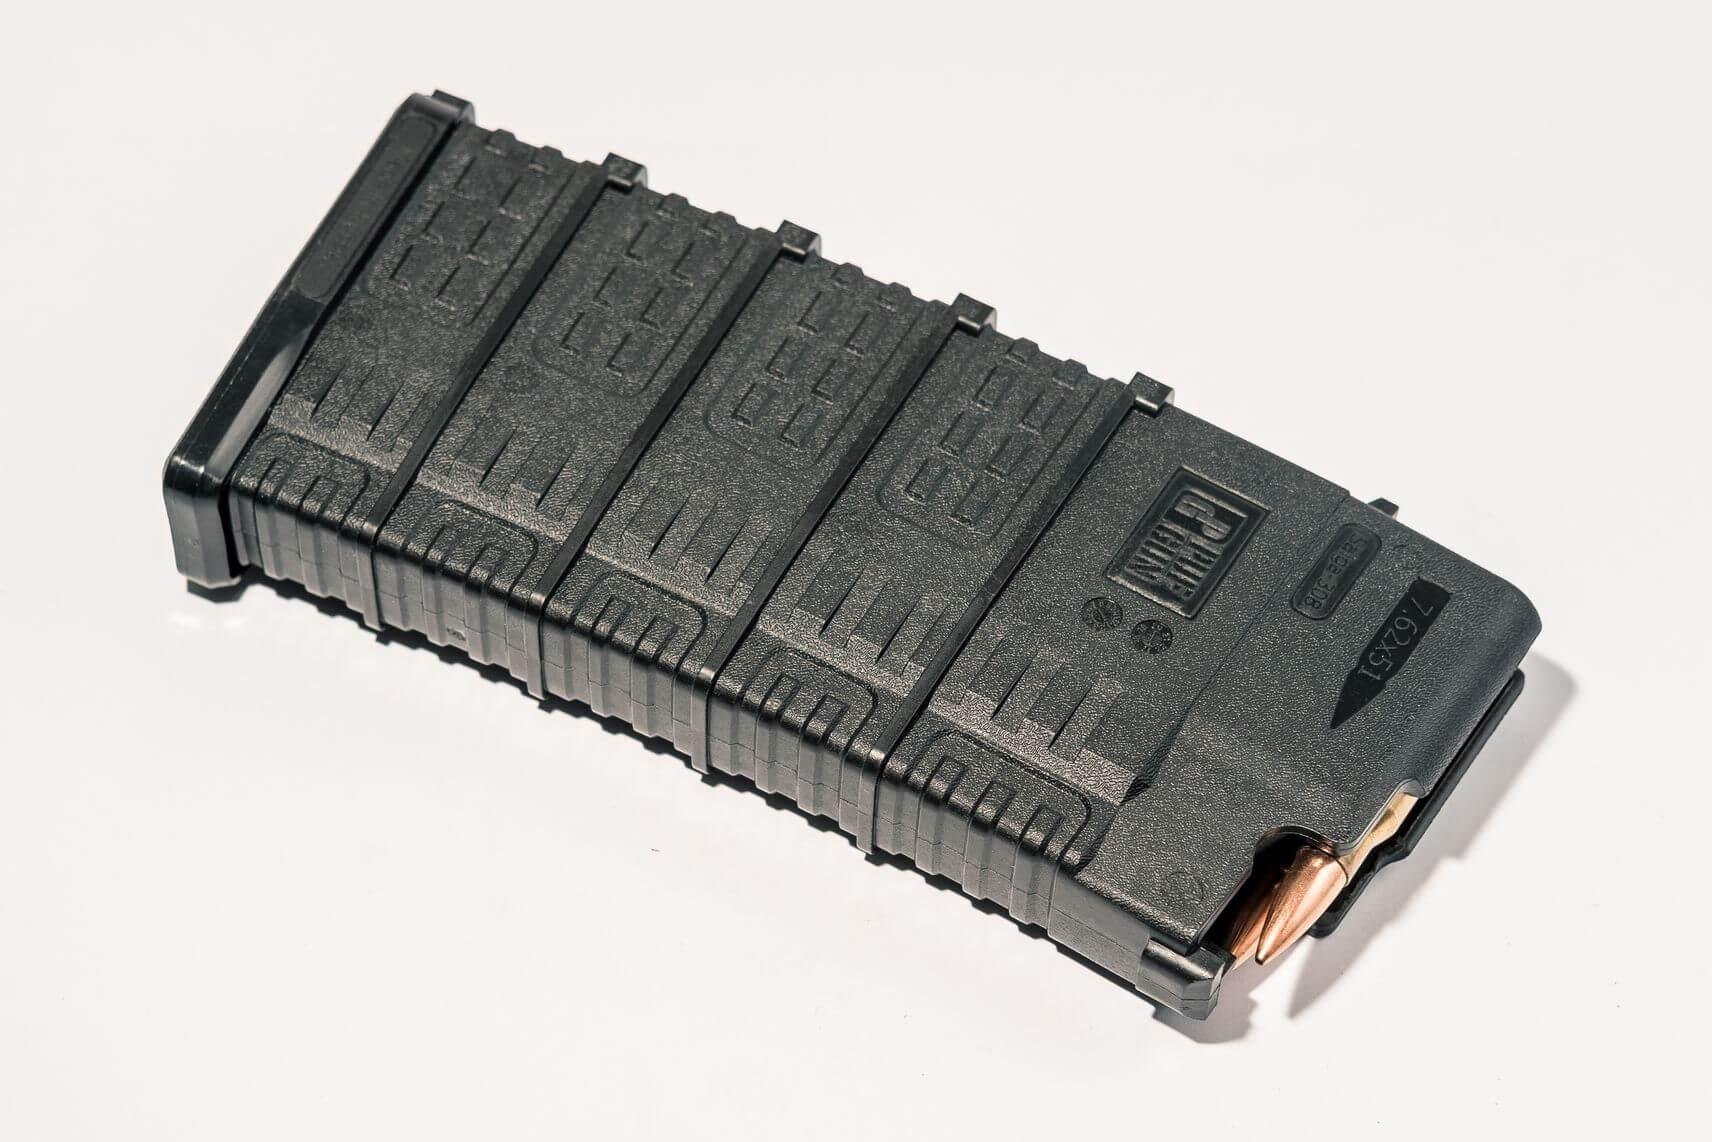 PUF GUN CARICATORE NERO AK/SAIGA CAL 308WIN 25/5 RND